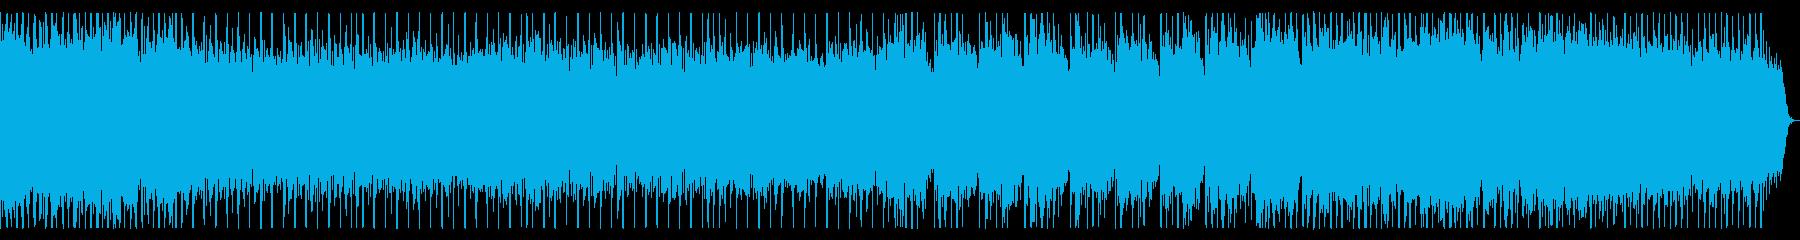 ポップでファンタジー 軽快なメタルBGMの再生済みの波形